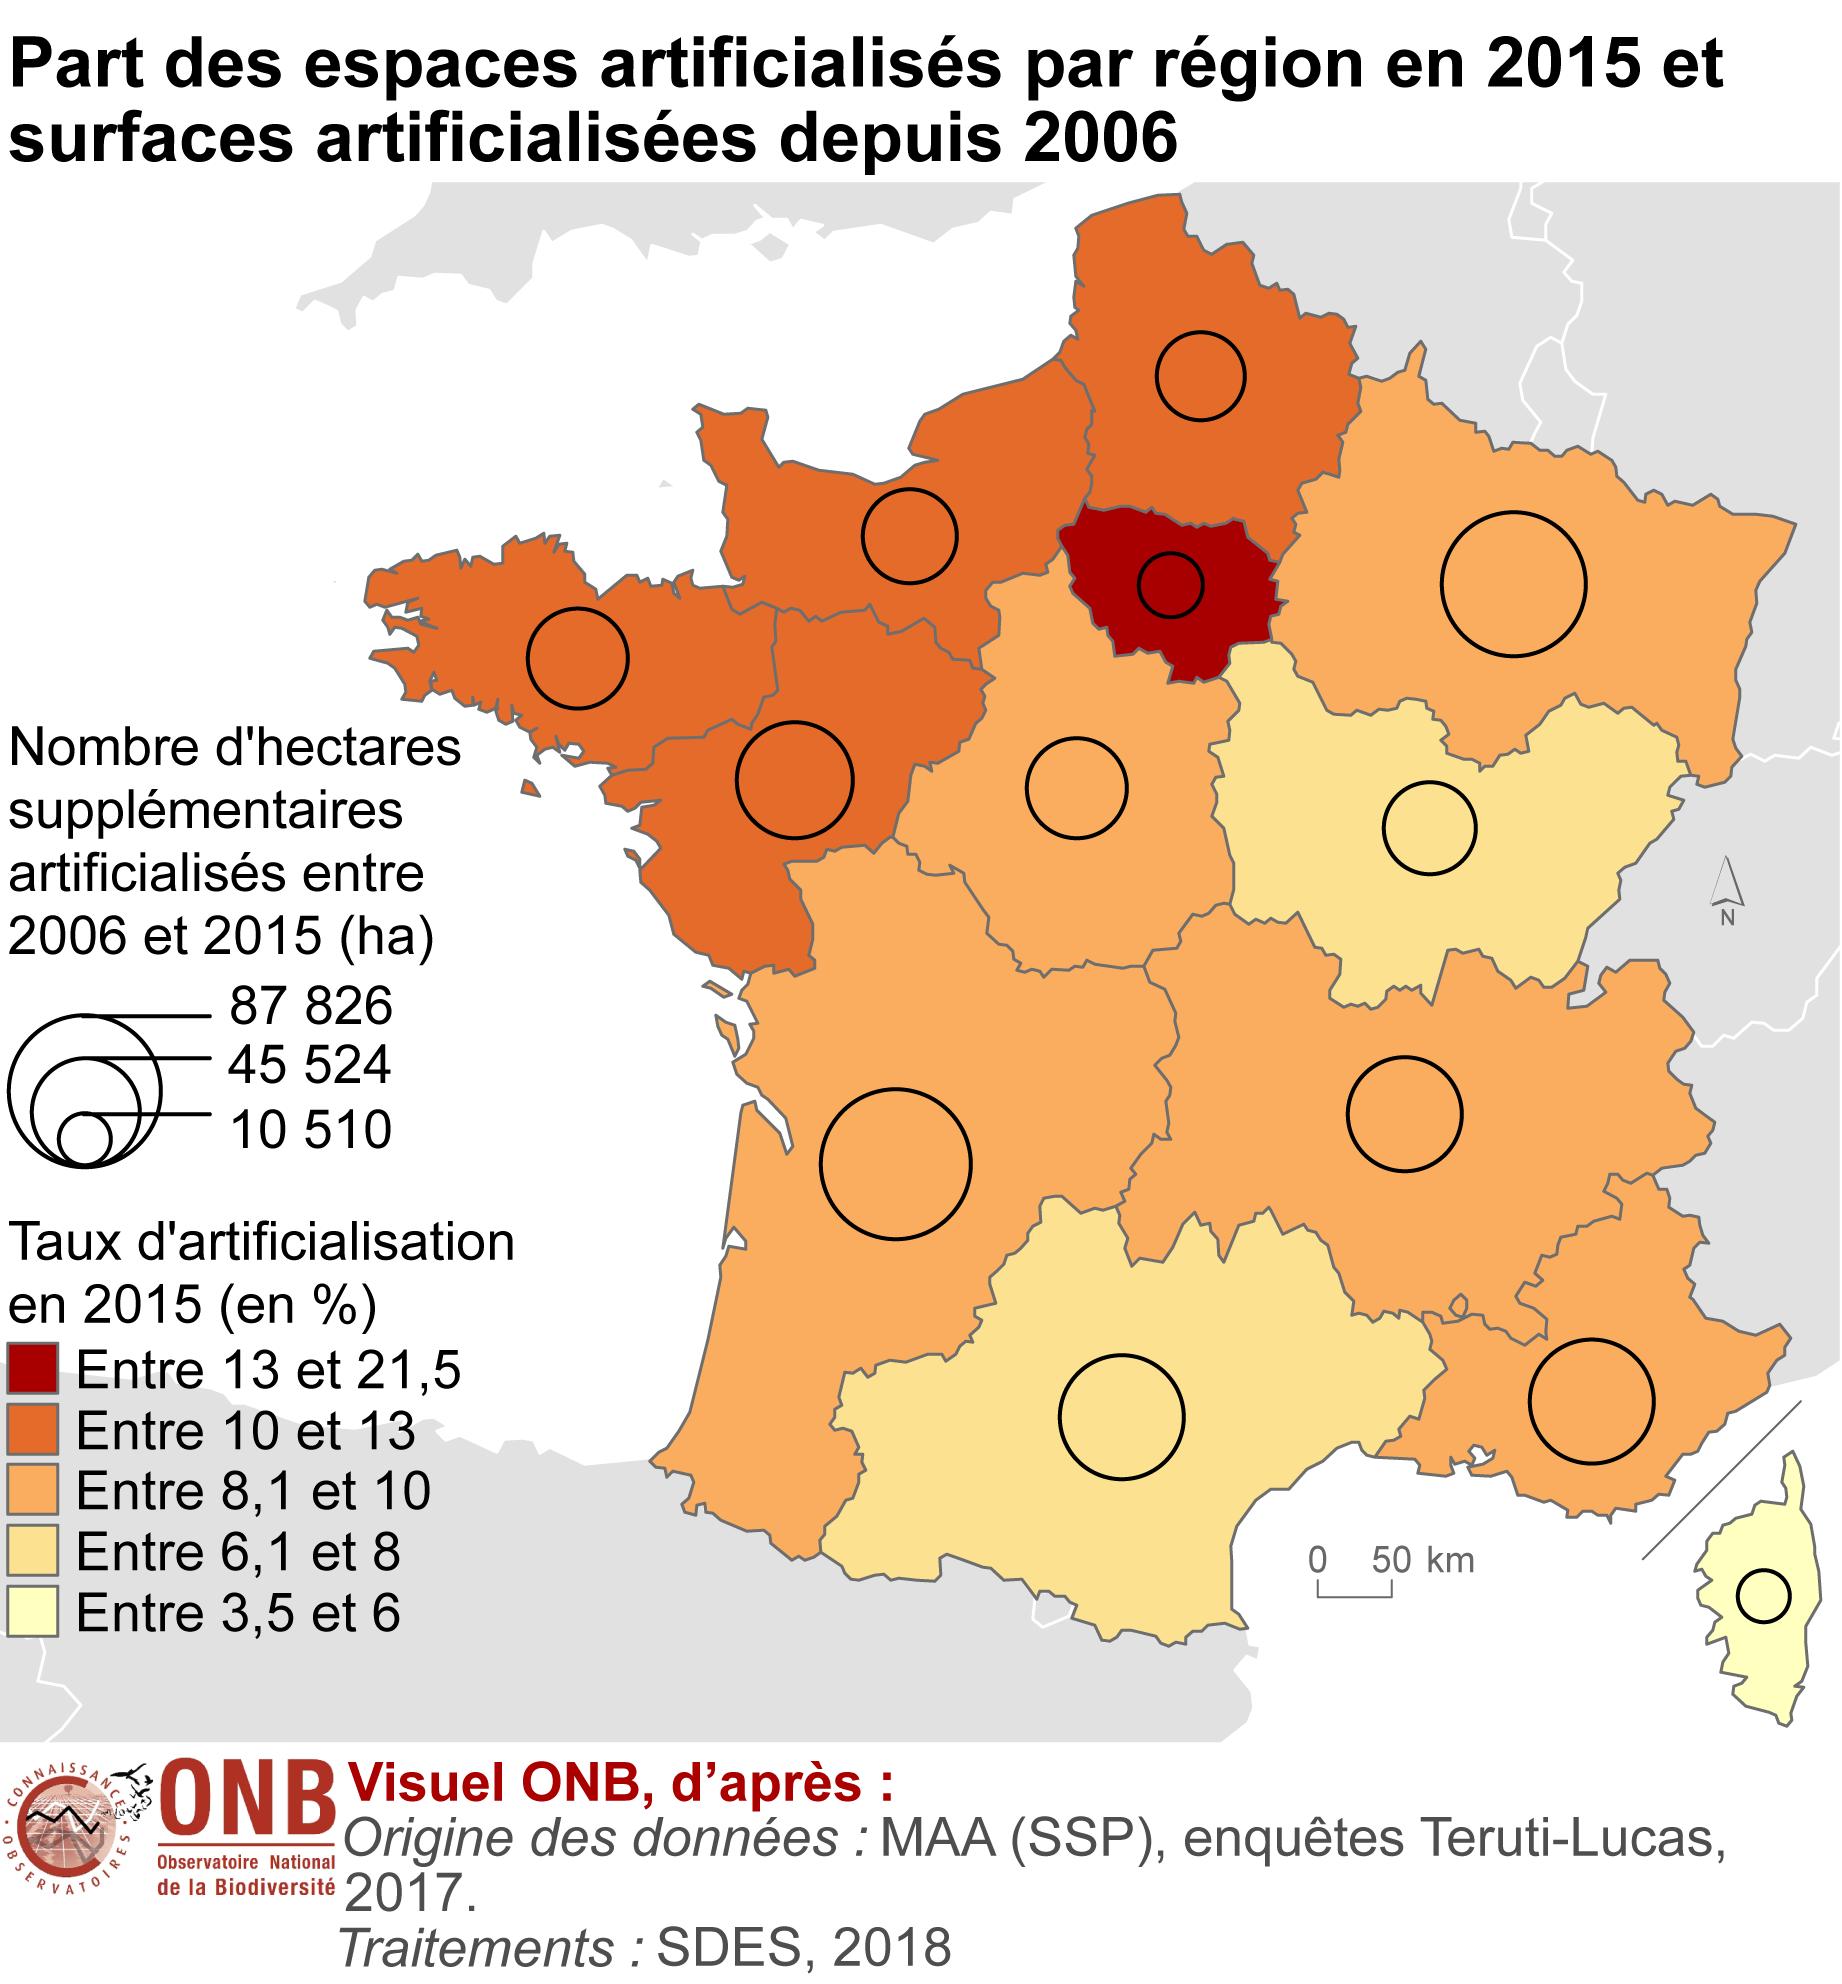 Carte du taux de surfaces artificialisées par région en 2015 et évolution depuis 2006 - Voir descriptif détaillé ci-après